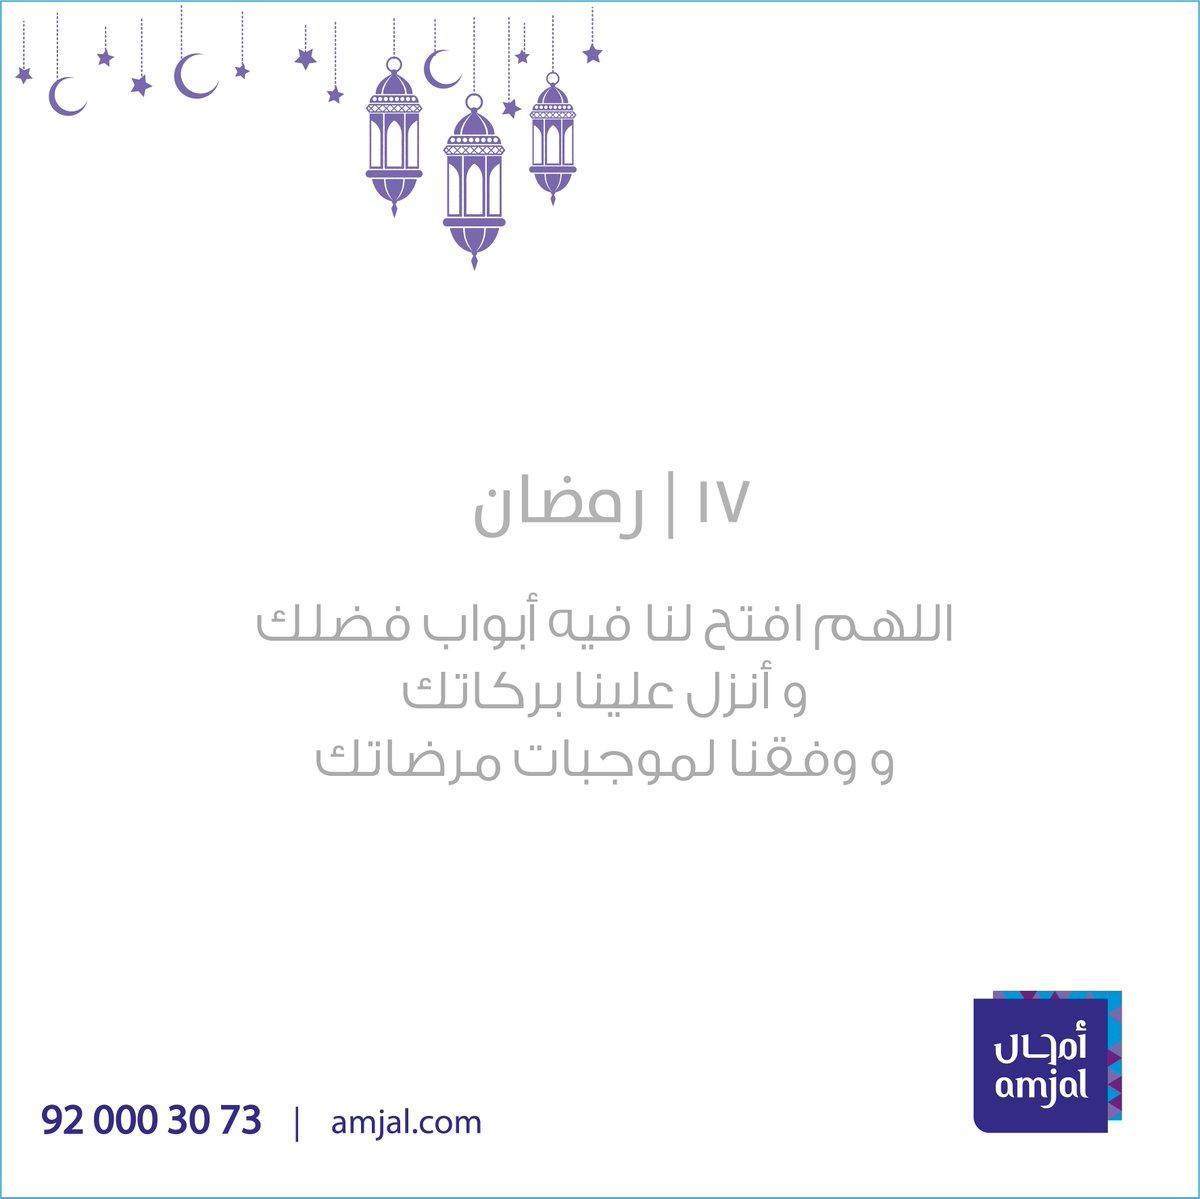 #دعاء_رمضان https://t.co/uNEta6K1ox